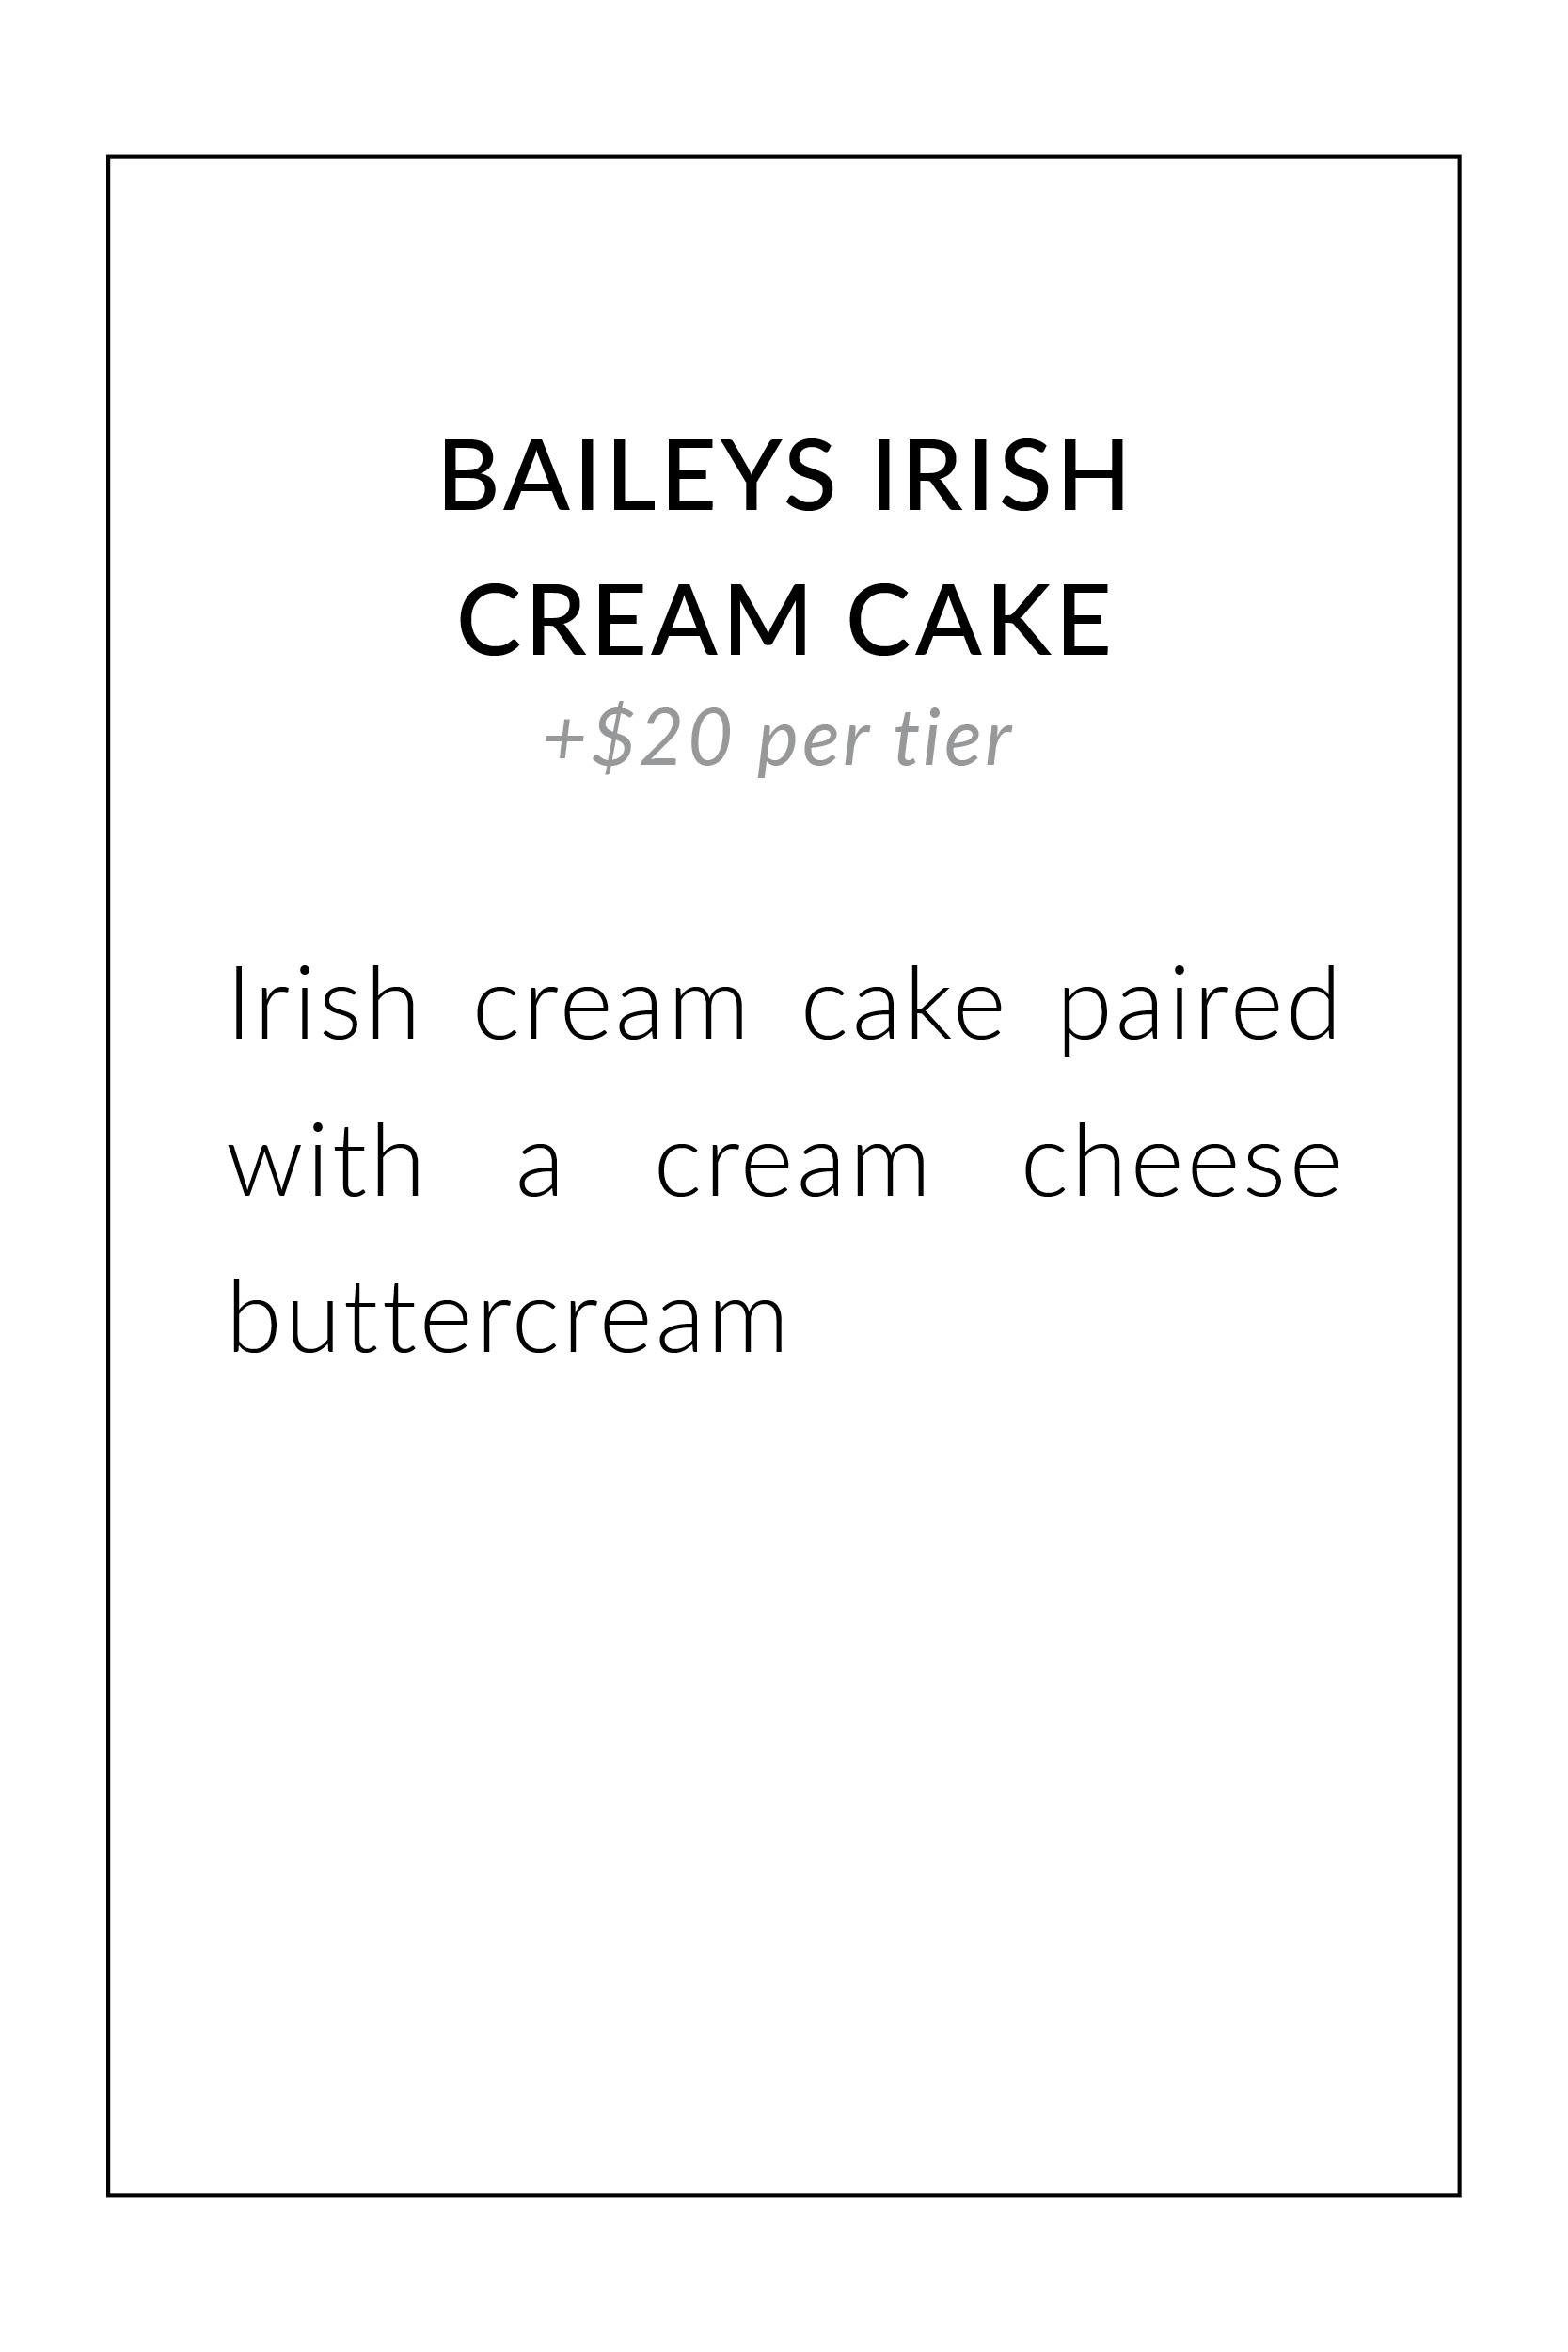 Baileys Irish Cream Cake.jpg